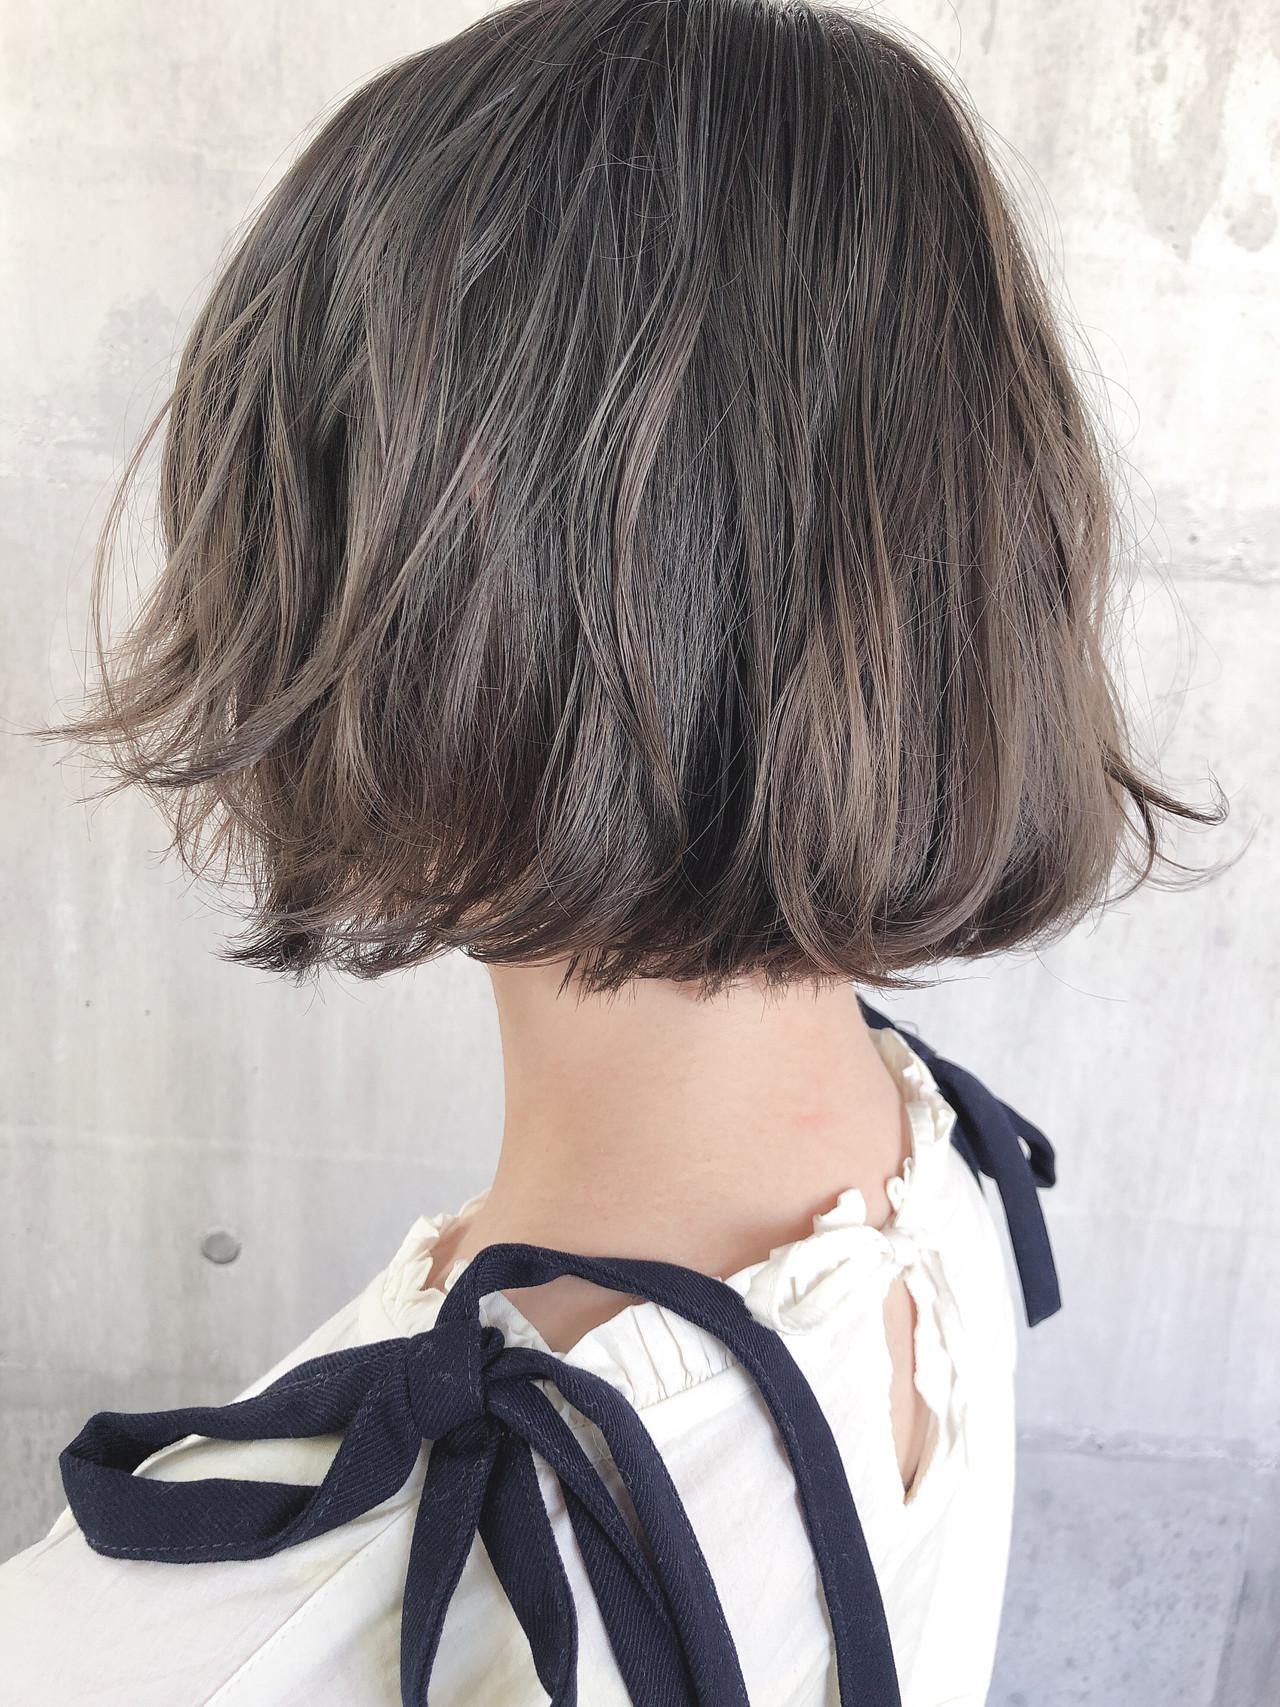 外ハネボブ アッシュベージュ ミニボブ グレージュ ヘアスタイルや髪型の写真・画像